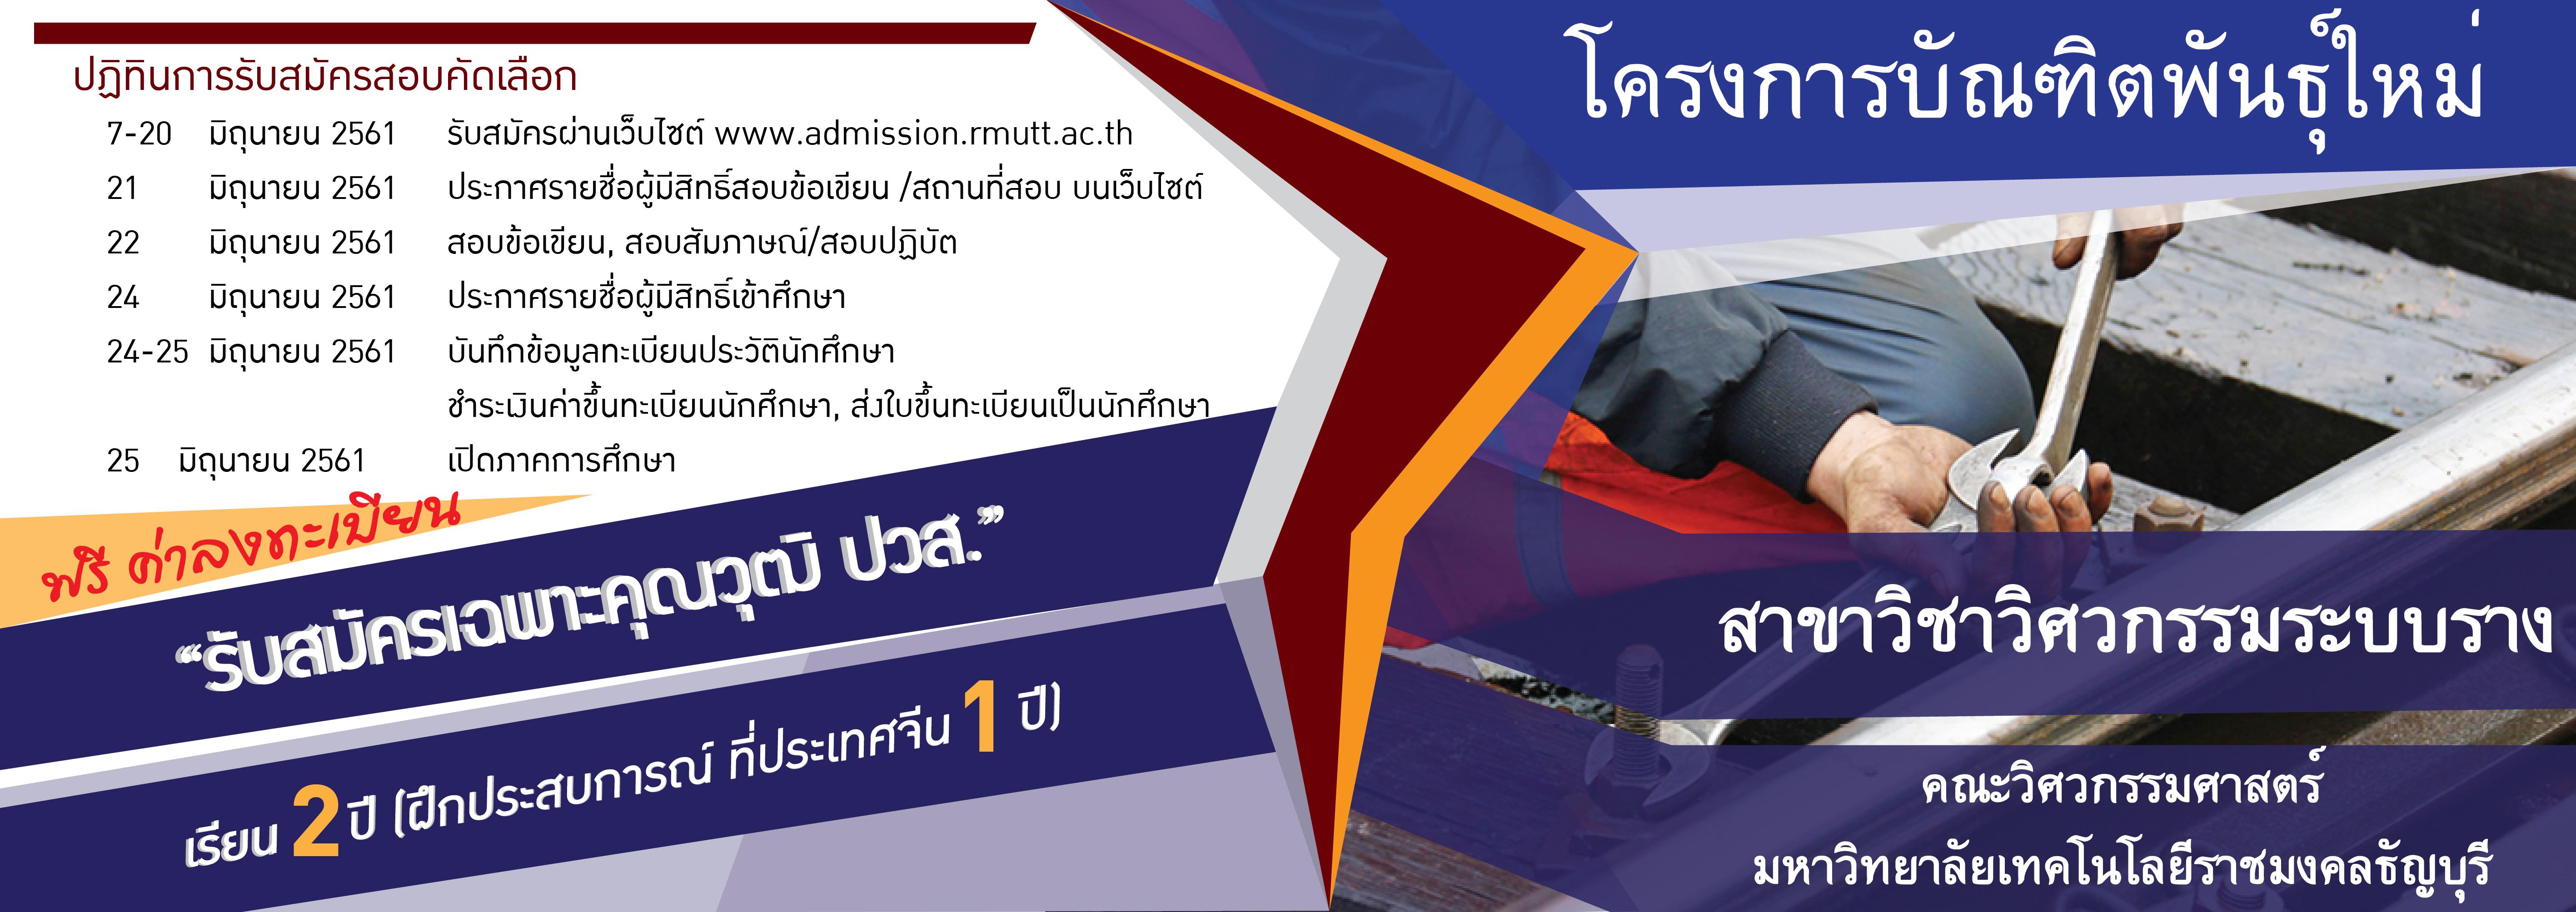 Rail-Engineering-Edit-01